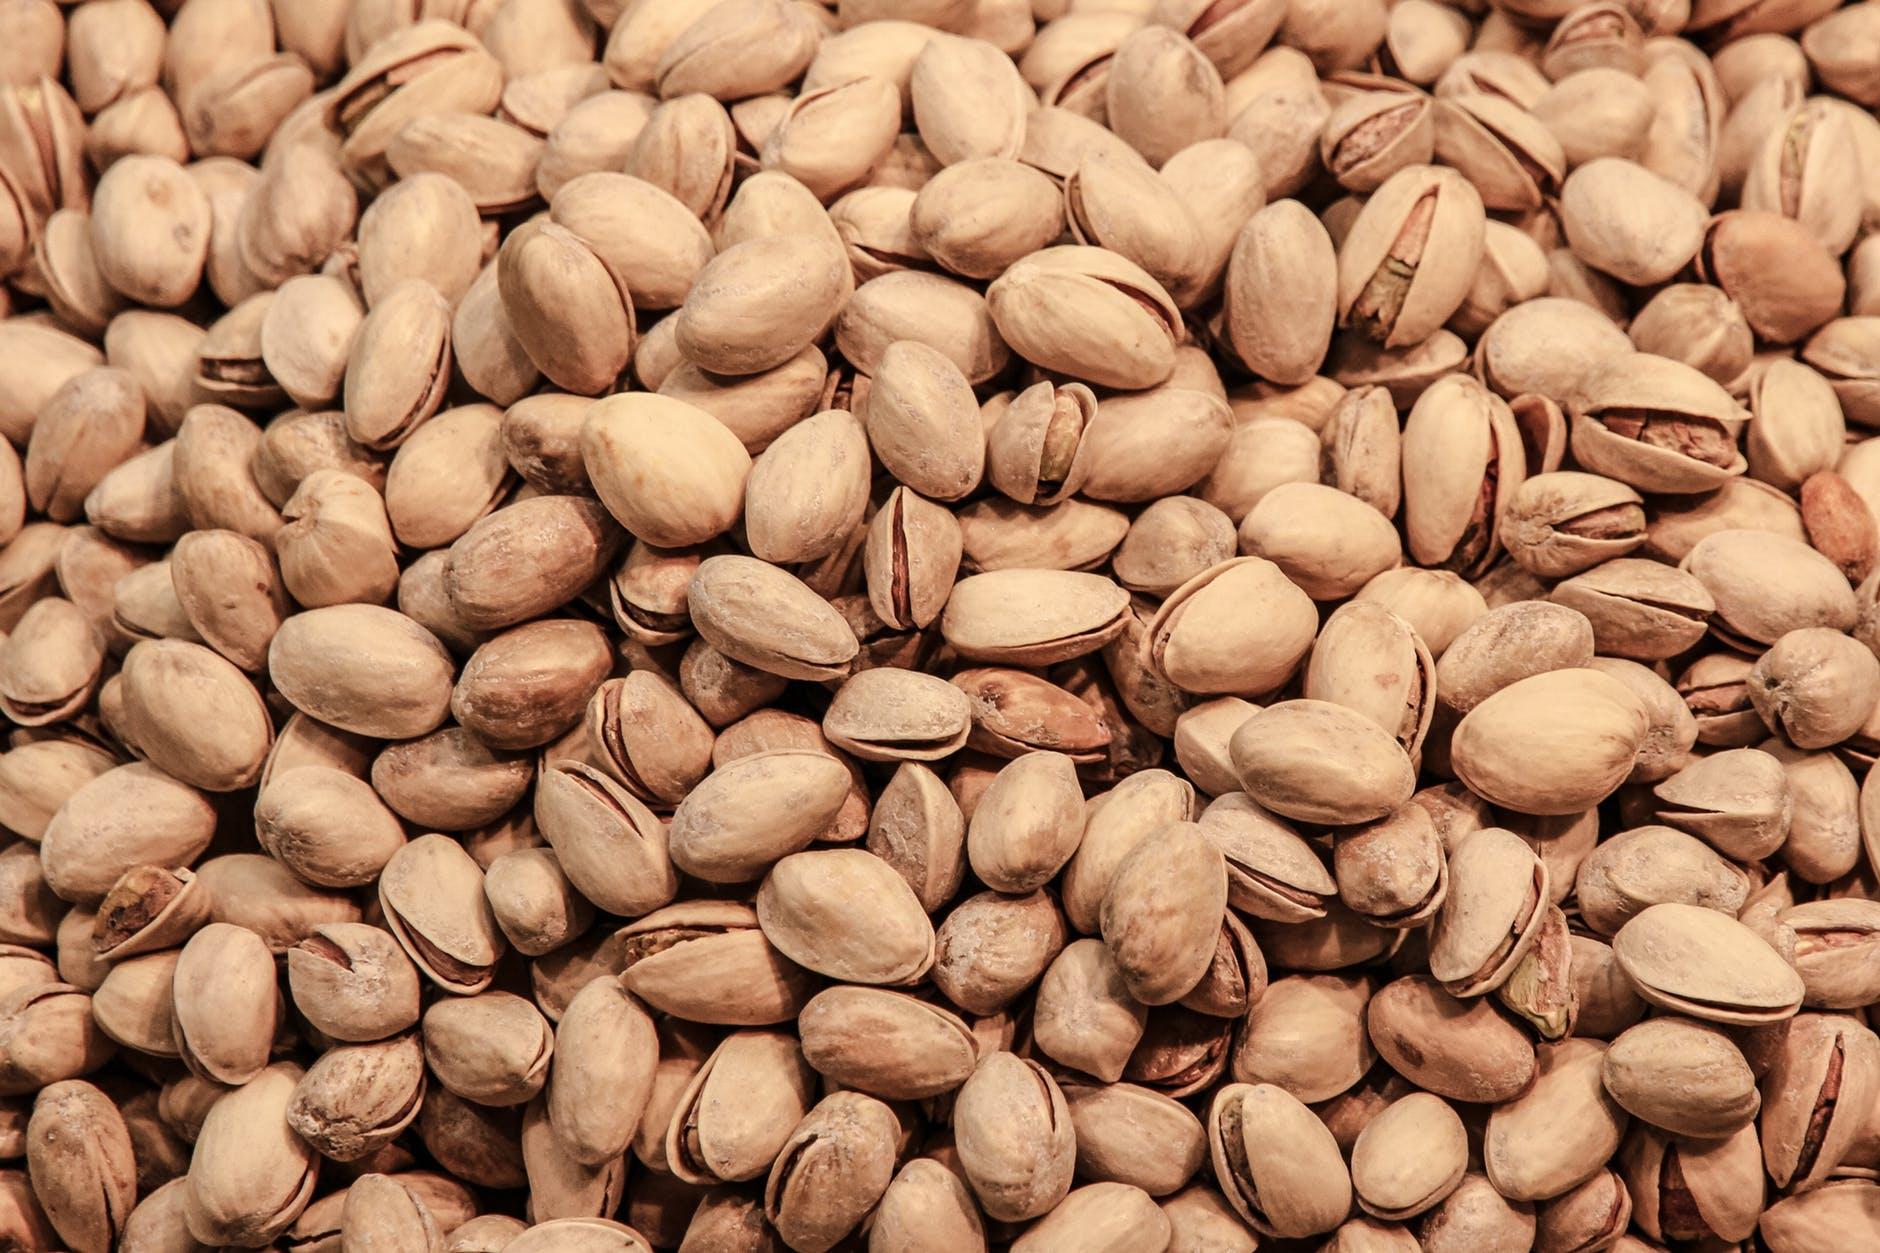 pistachio-nuts-pistachios-crisps-52521